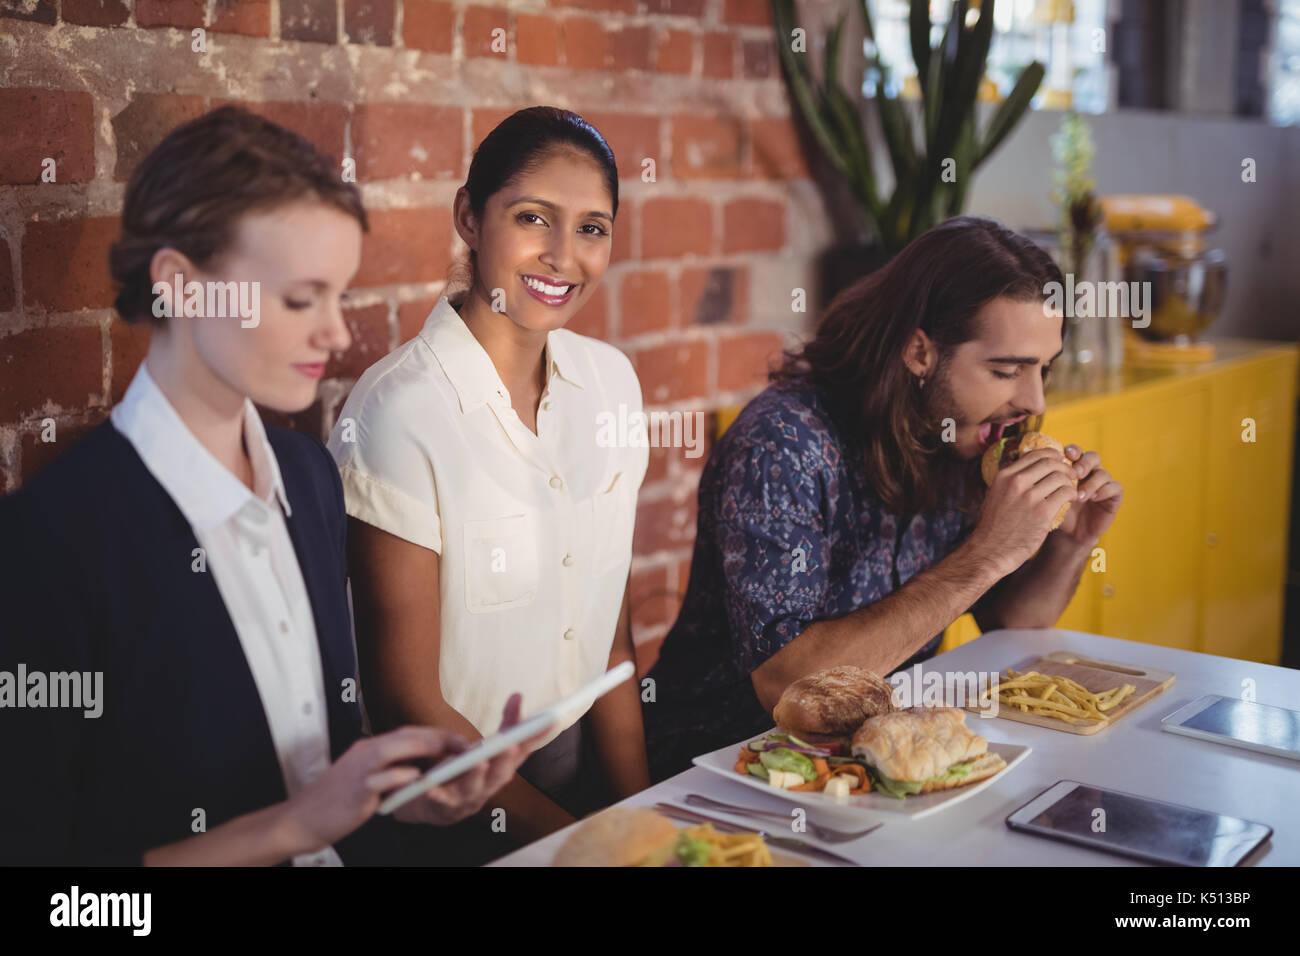 Ritratto di giovane sorridente donna seduta in mezzo agli amici a tavola con il cibo in un coffee shop Immagini Stock